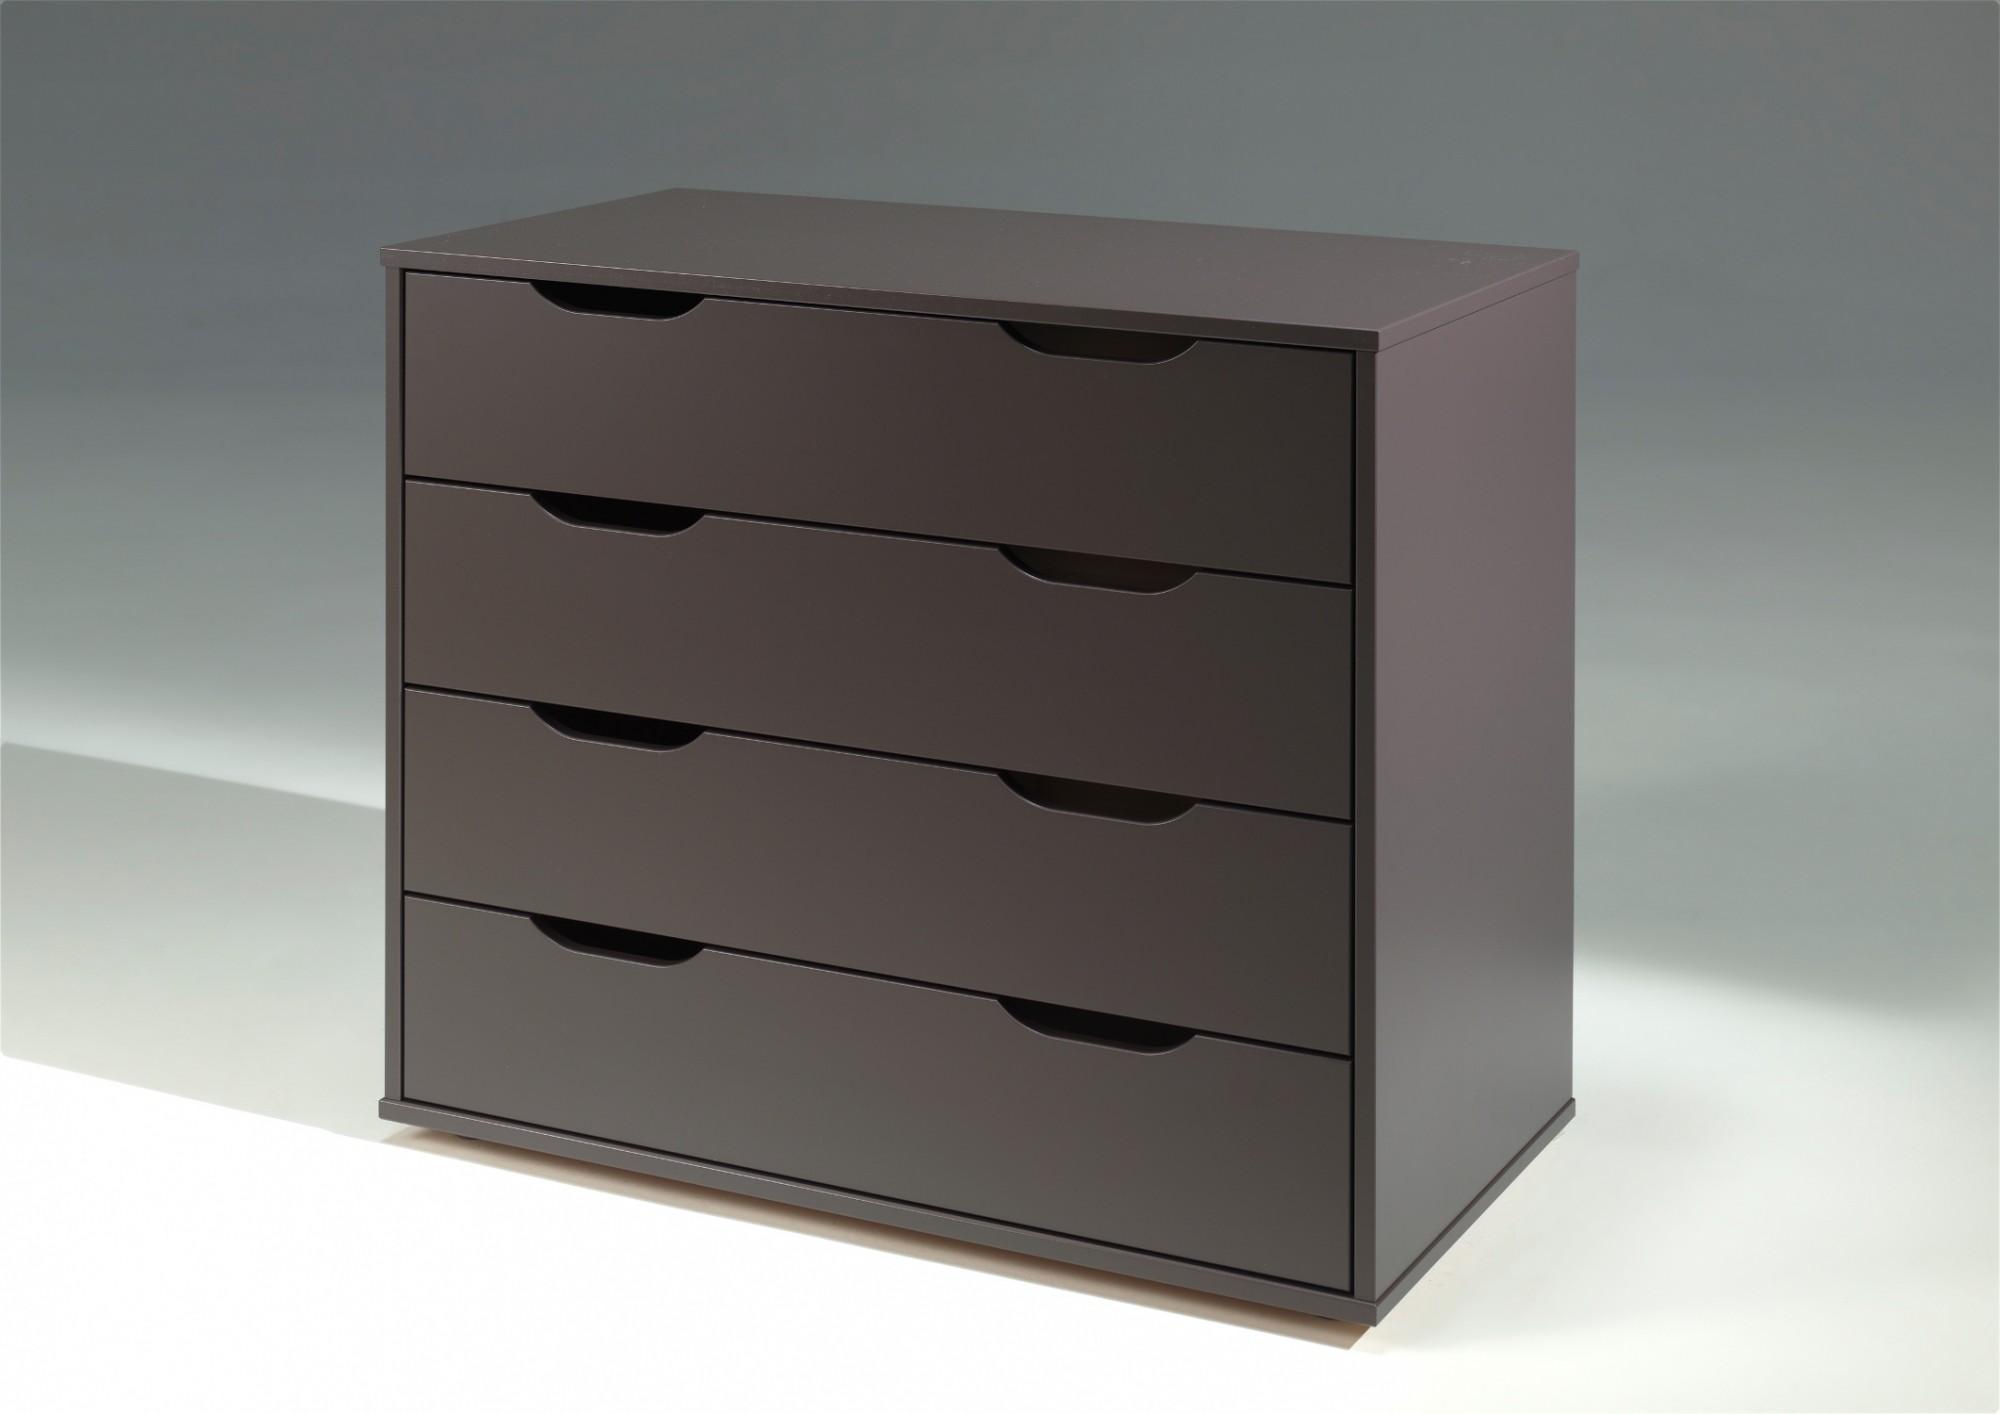 neu funktionsbett pino hochbett mit schreibtisch und. Black Bedroom Furniture Sets. Home Design Ideas